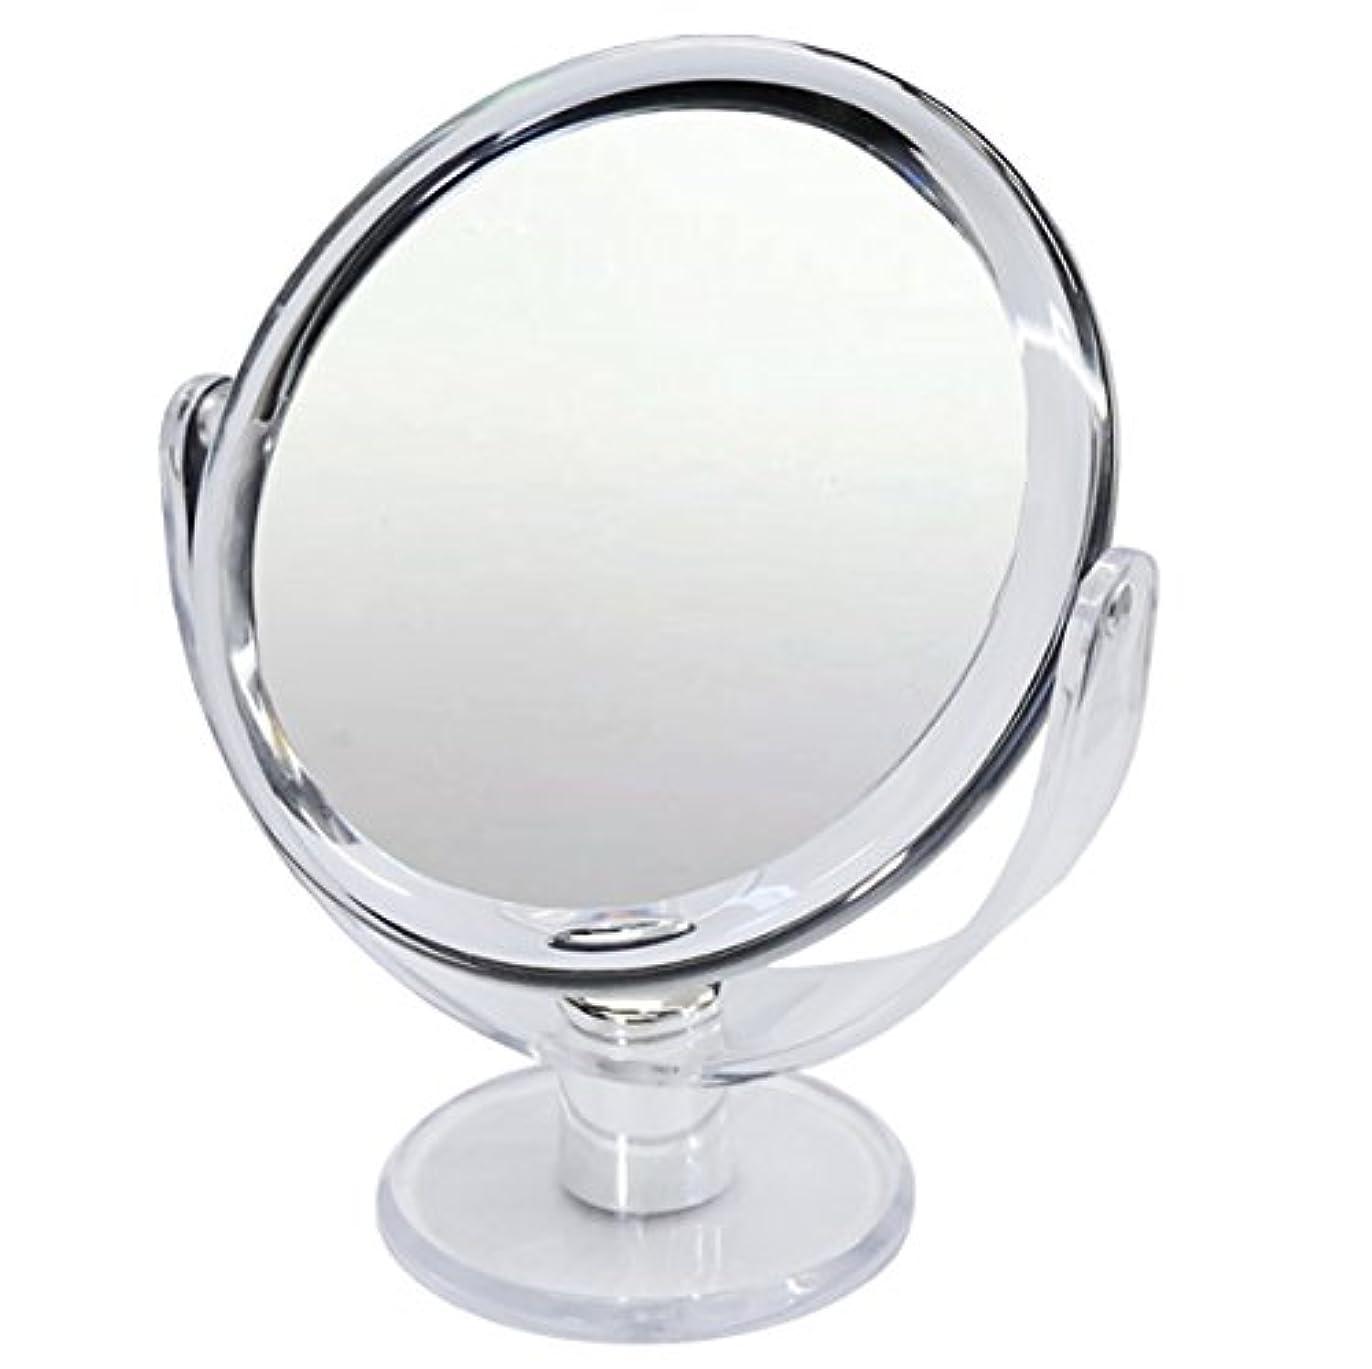 滅びる別の弾性10倍 拡大鏡 スタンドミラー 等倍鏡と10倍鏡の両面鏡